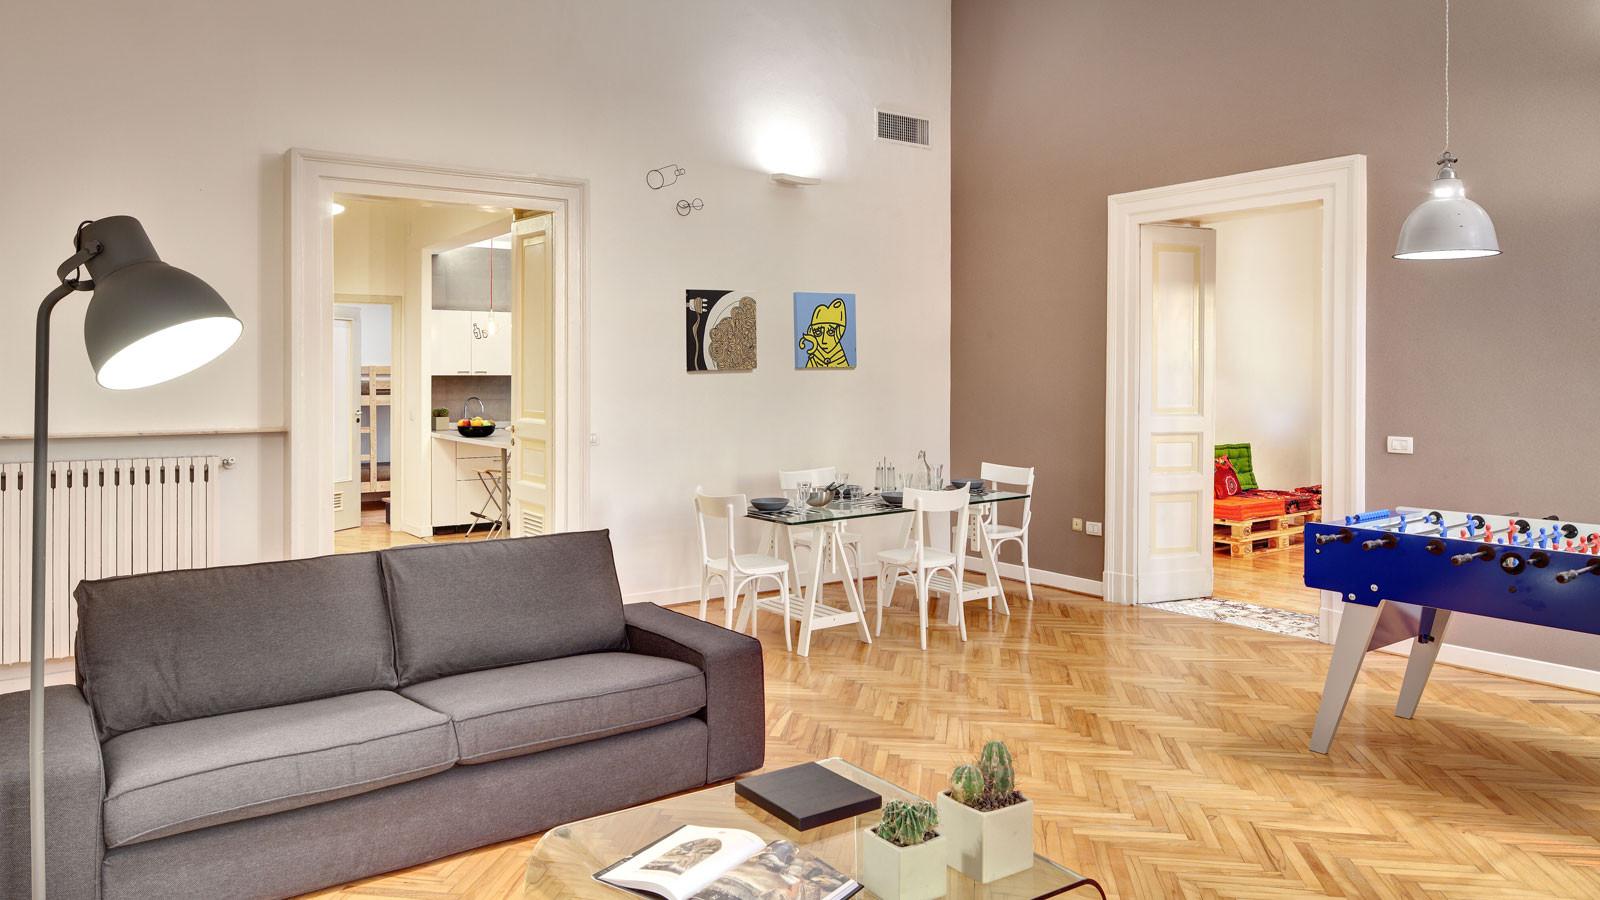 pulizia salotto appartamenti